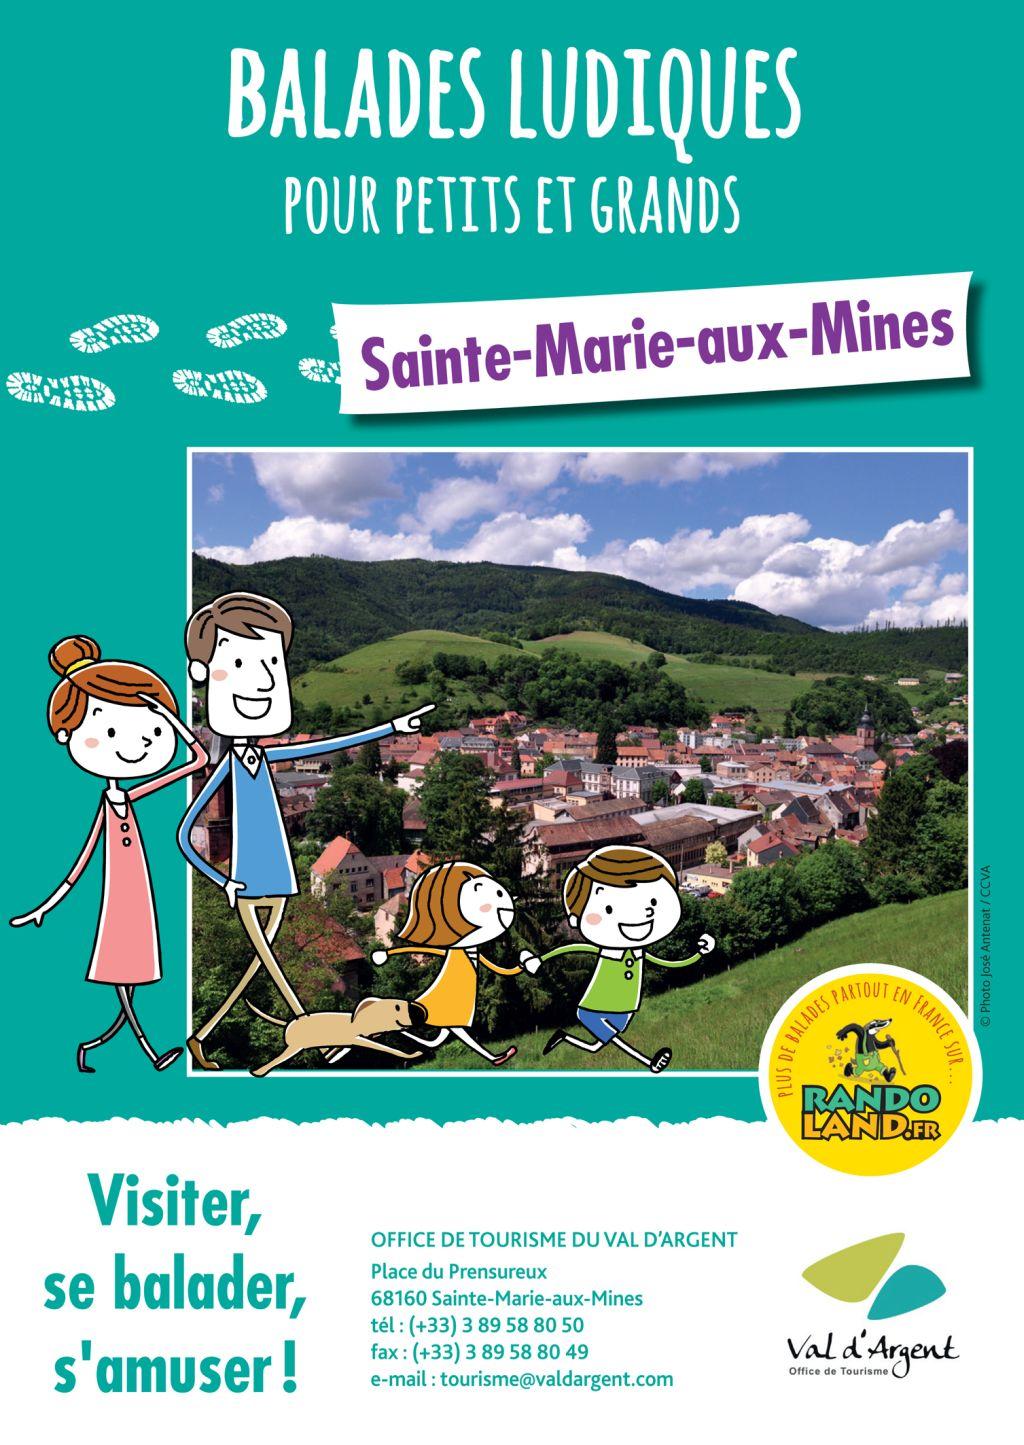 Balade ludique à Sainte-Marie-aux-Mines